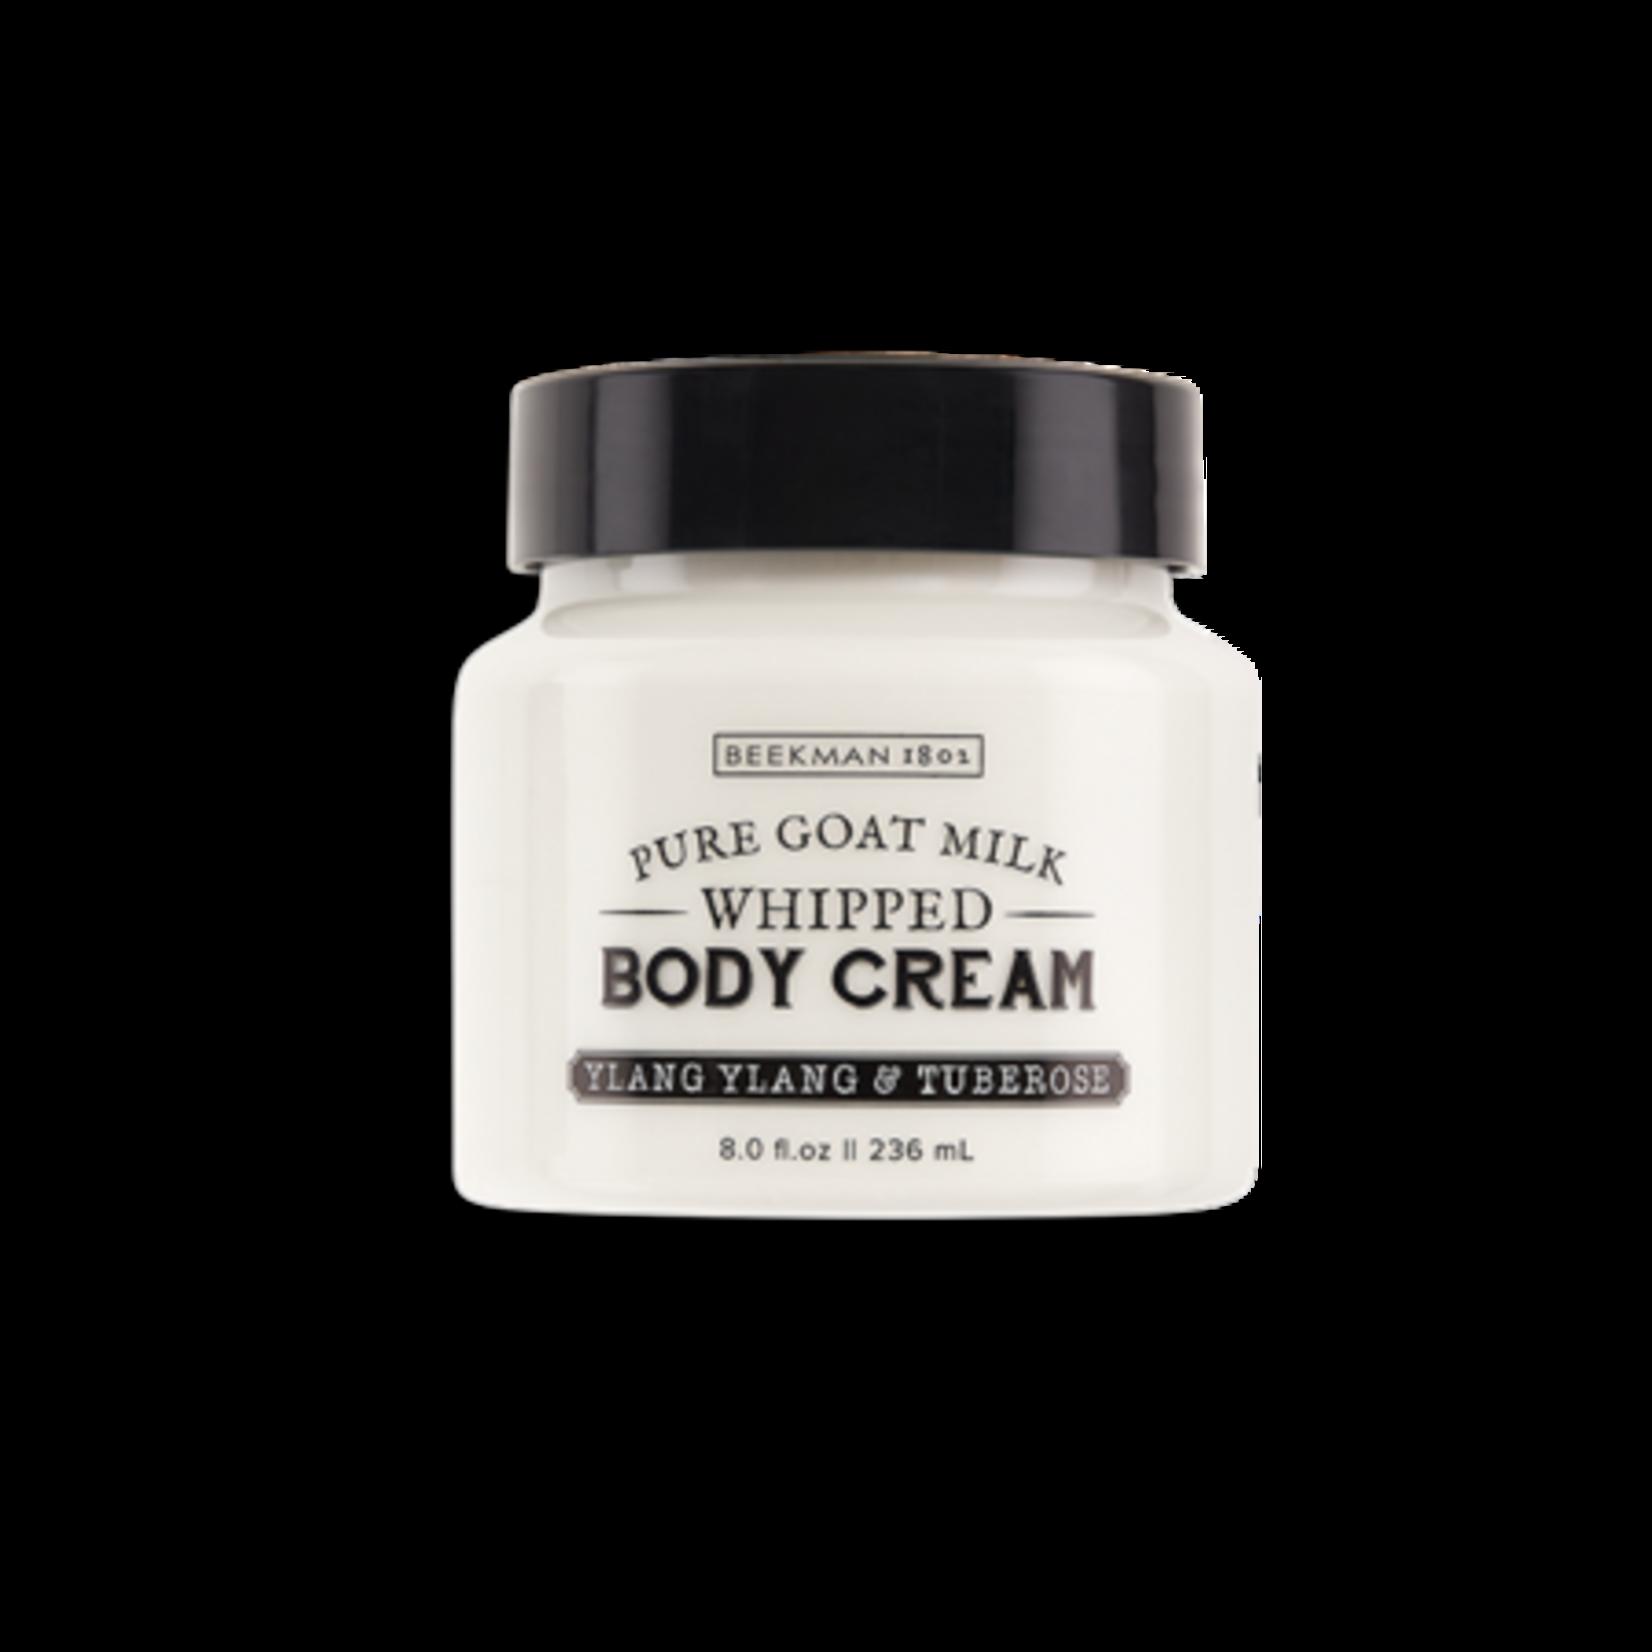 BEEKMAN 1802 Ylang Ylang & Tuberose Whipped Body Cream